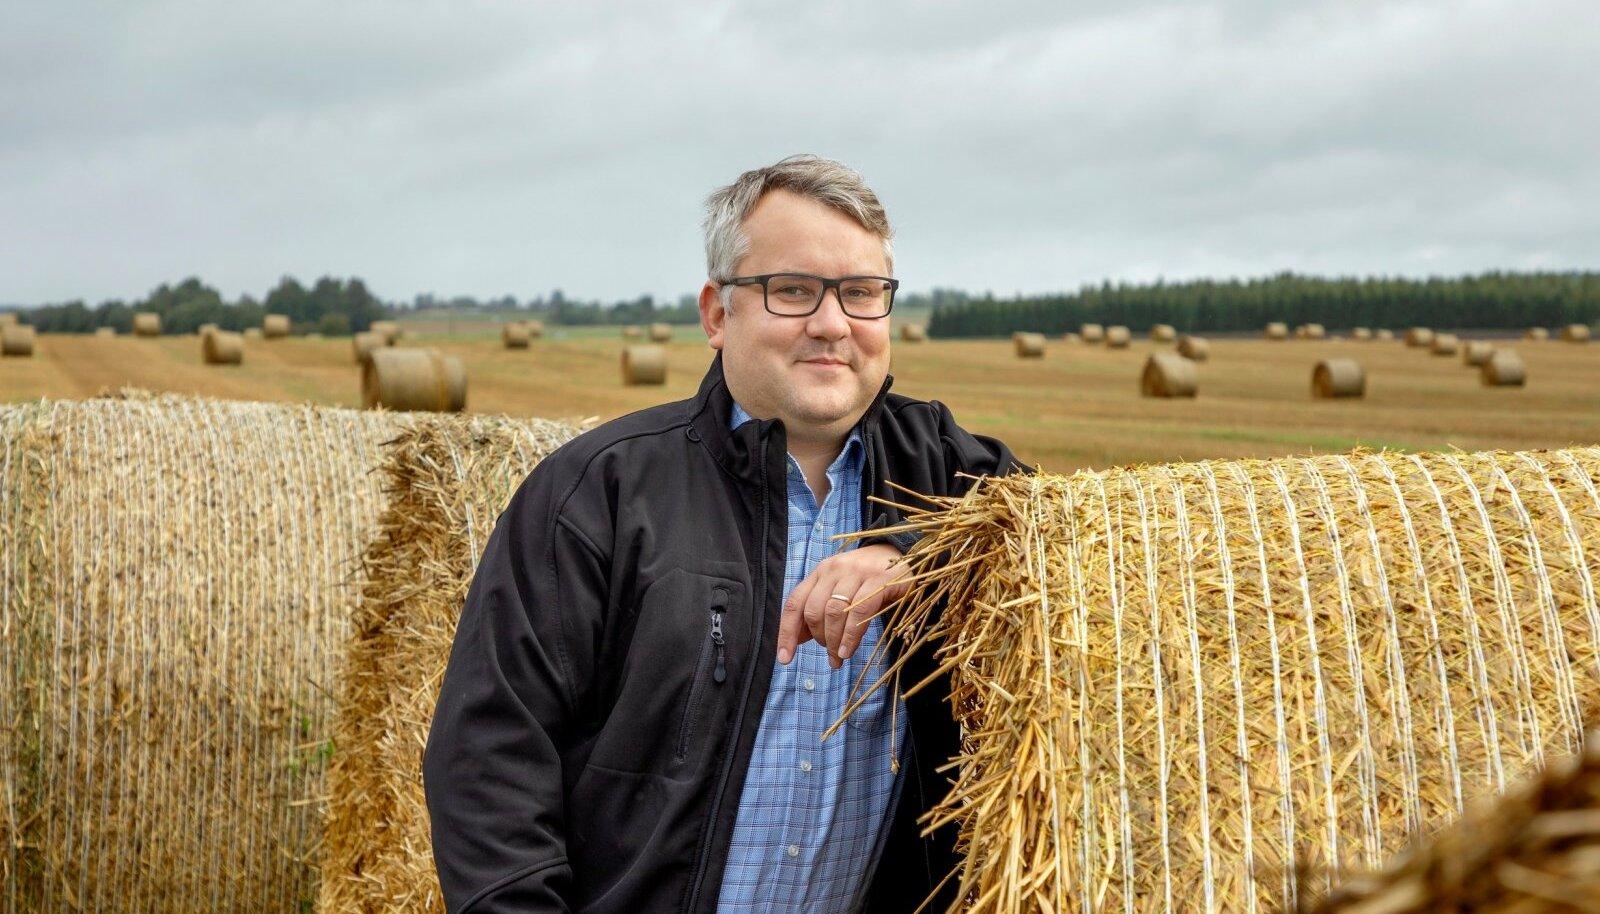 """""""Oleme aidanud valitsustel mõista, et põllumajandus on oluline valdkond,"""" võtab Roomet Sõrmus lühidalt kokku koja eesmärgid."""